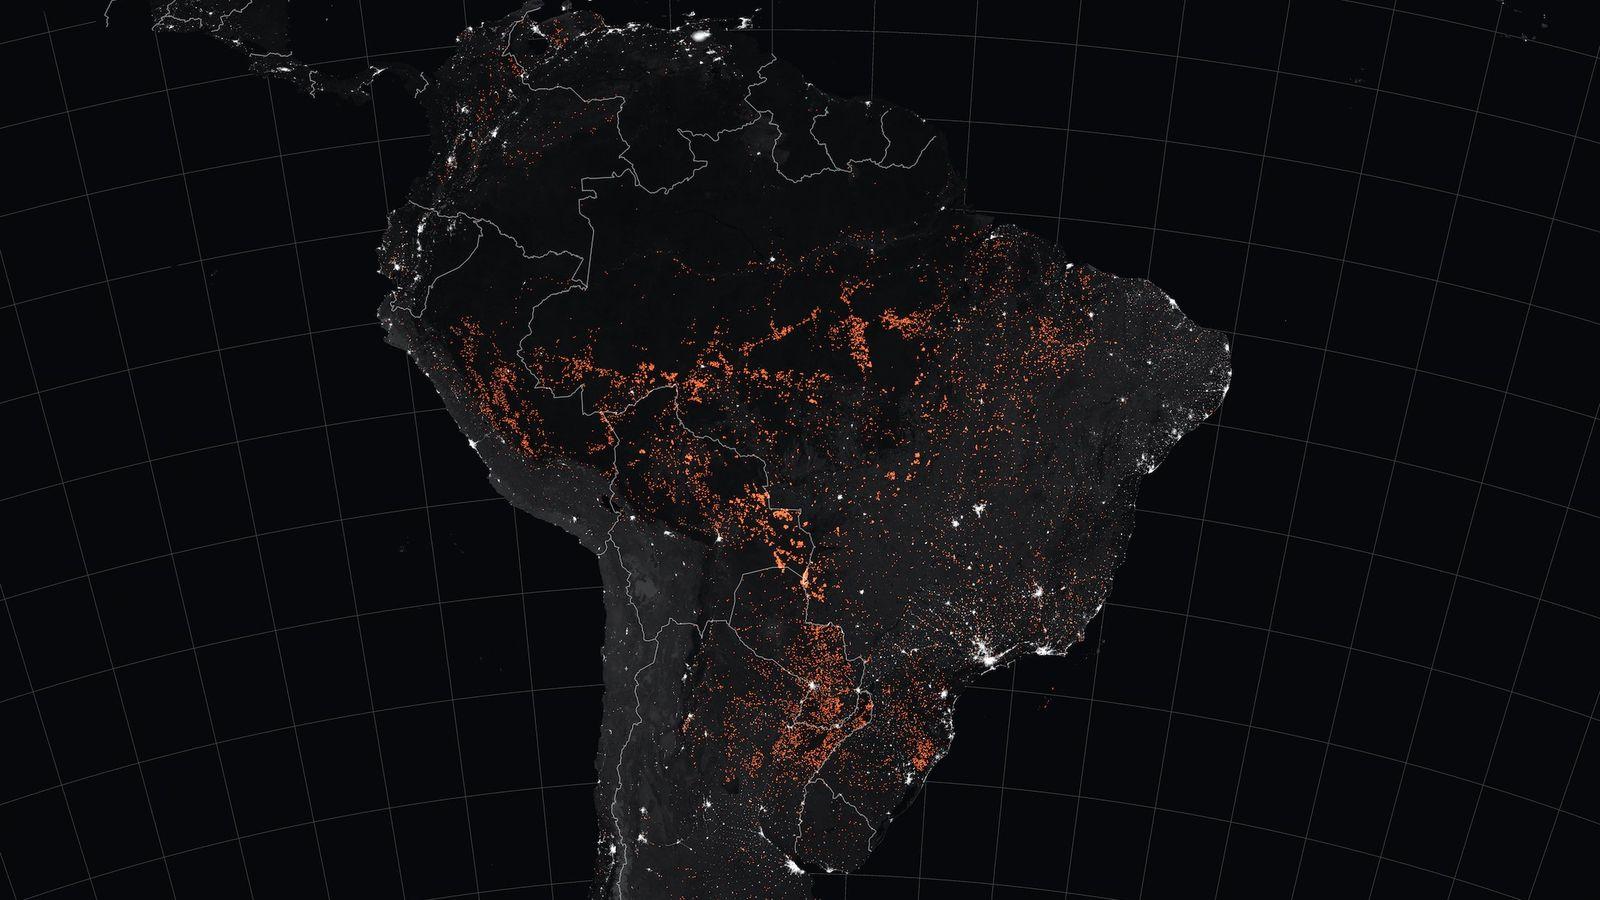 haute qualité prix limité gamme de couleurs exceptionnelle Amazon fires: Impact on rainforest in and around Brazil — in ...